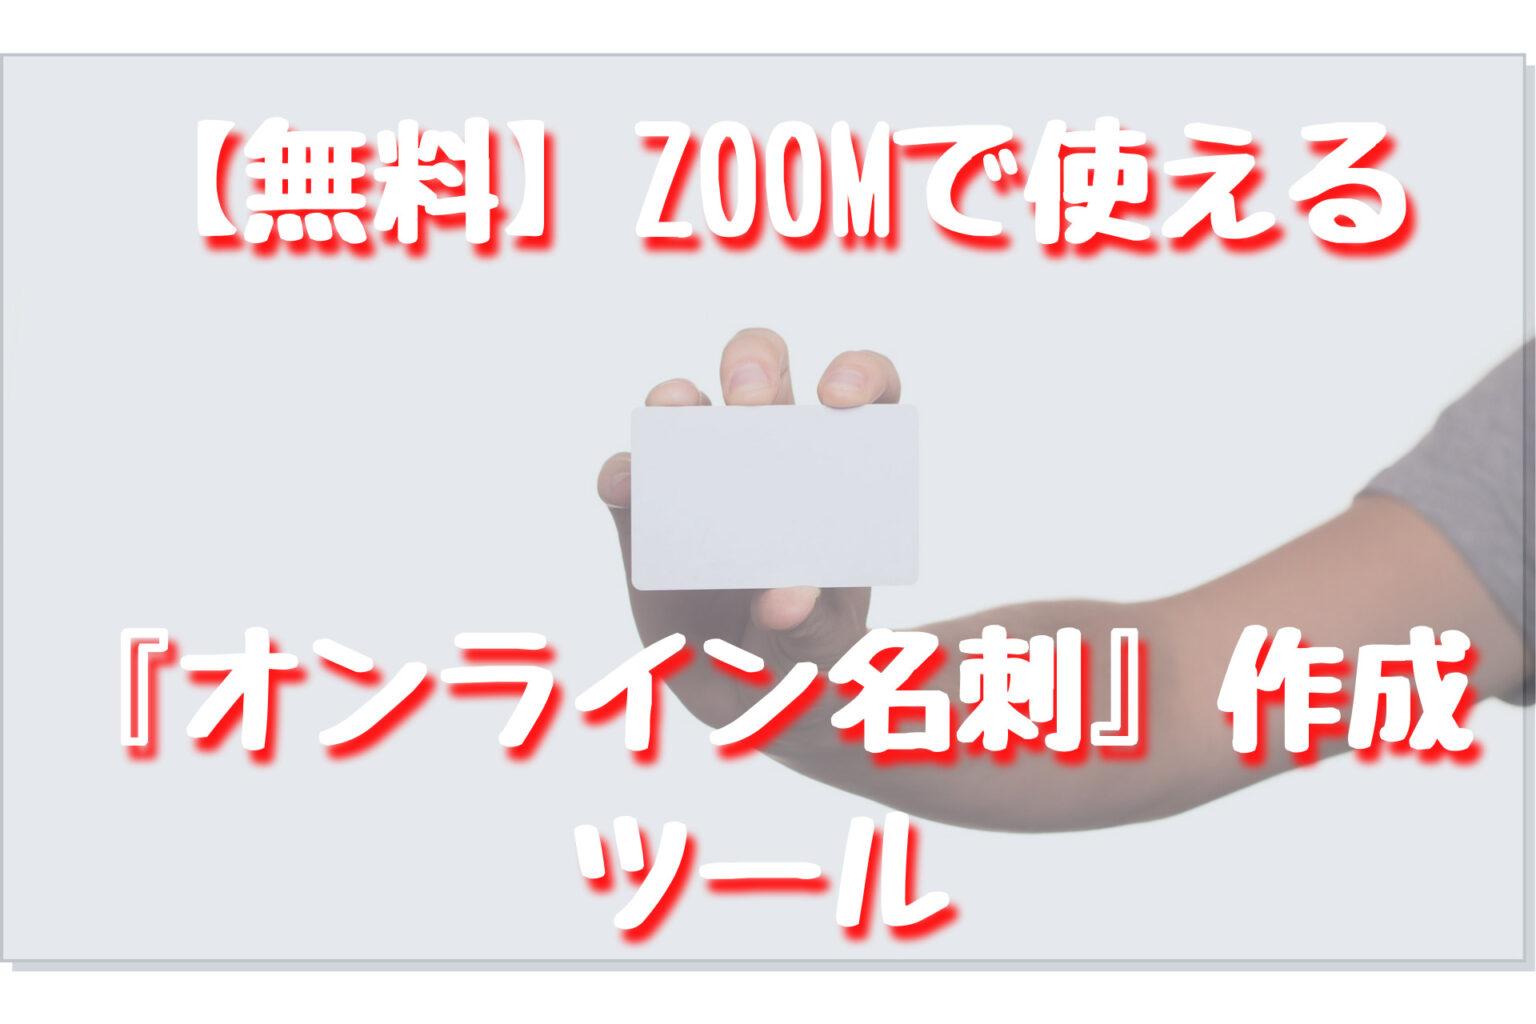 【無料】Zoomで使える『オンライン名刺』作成ツール